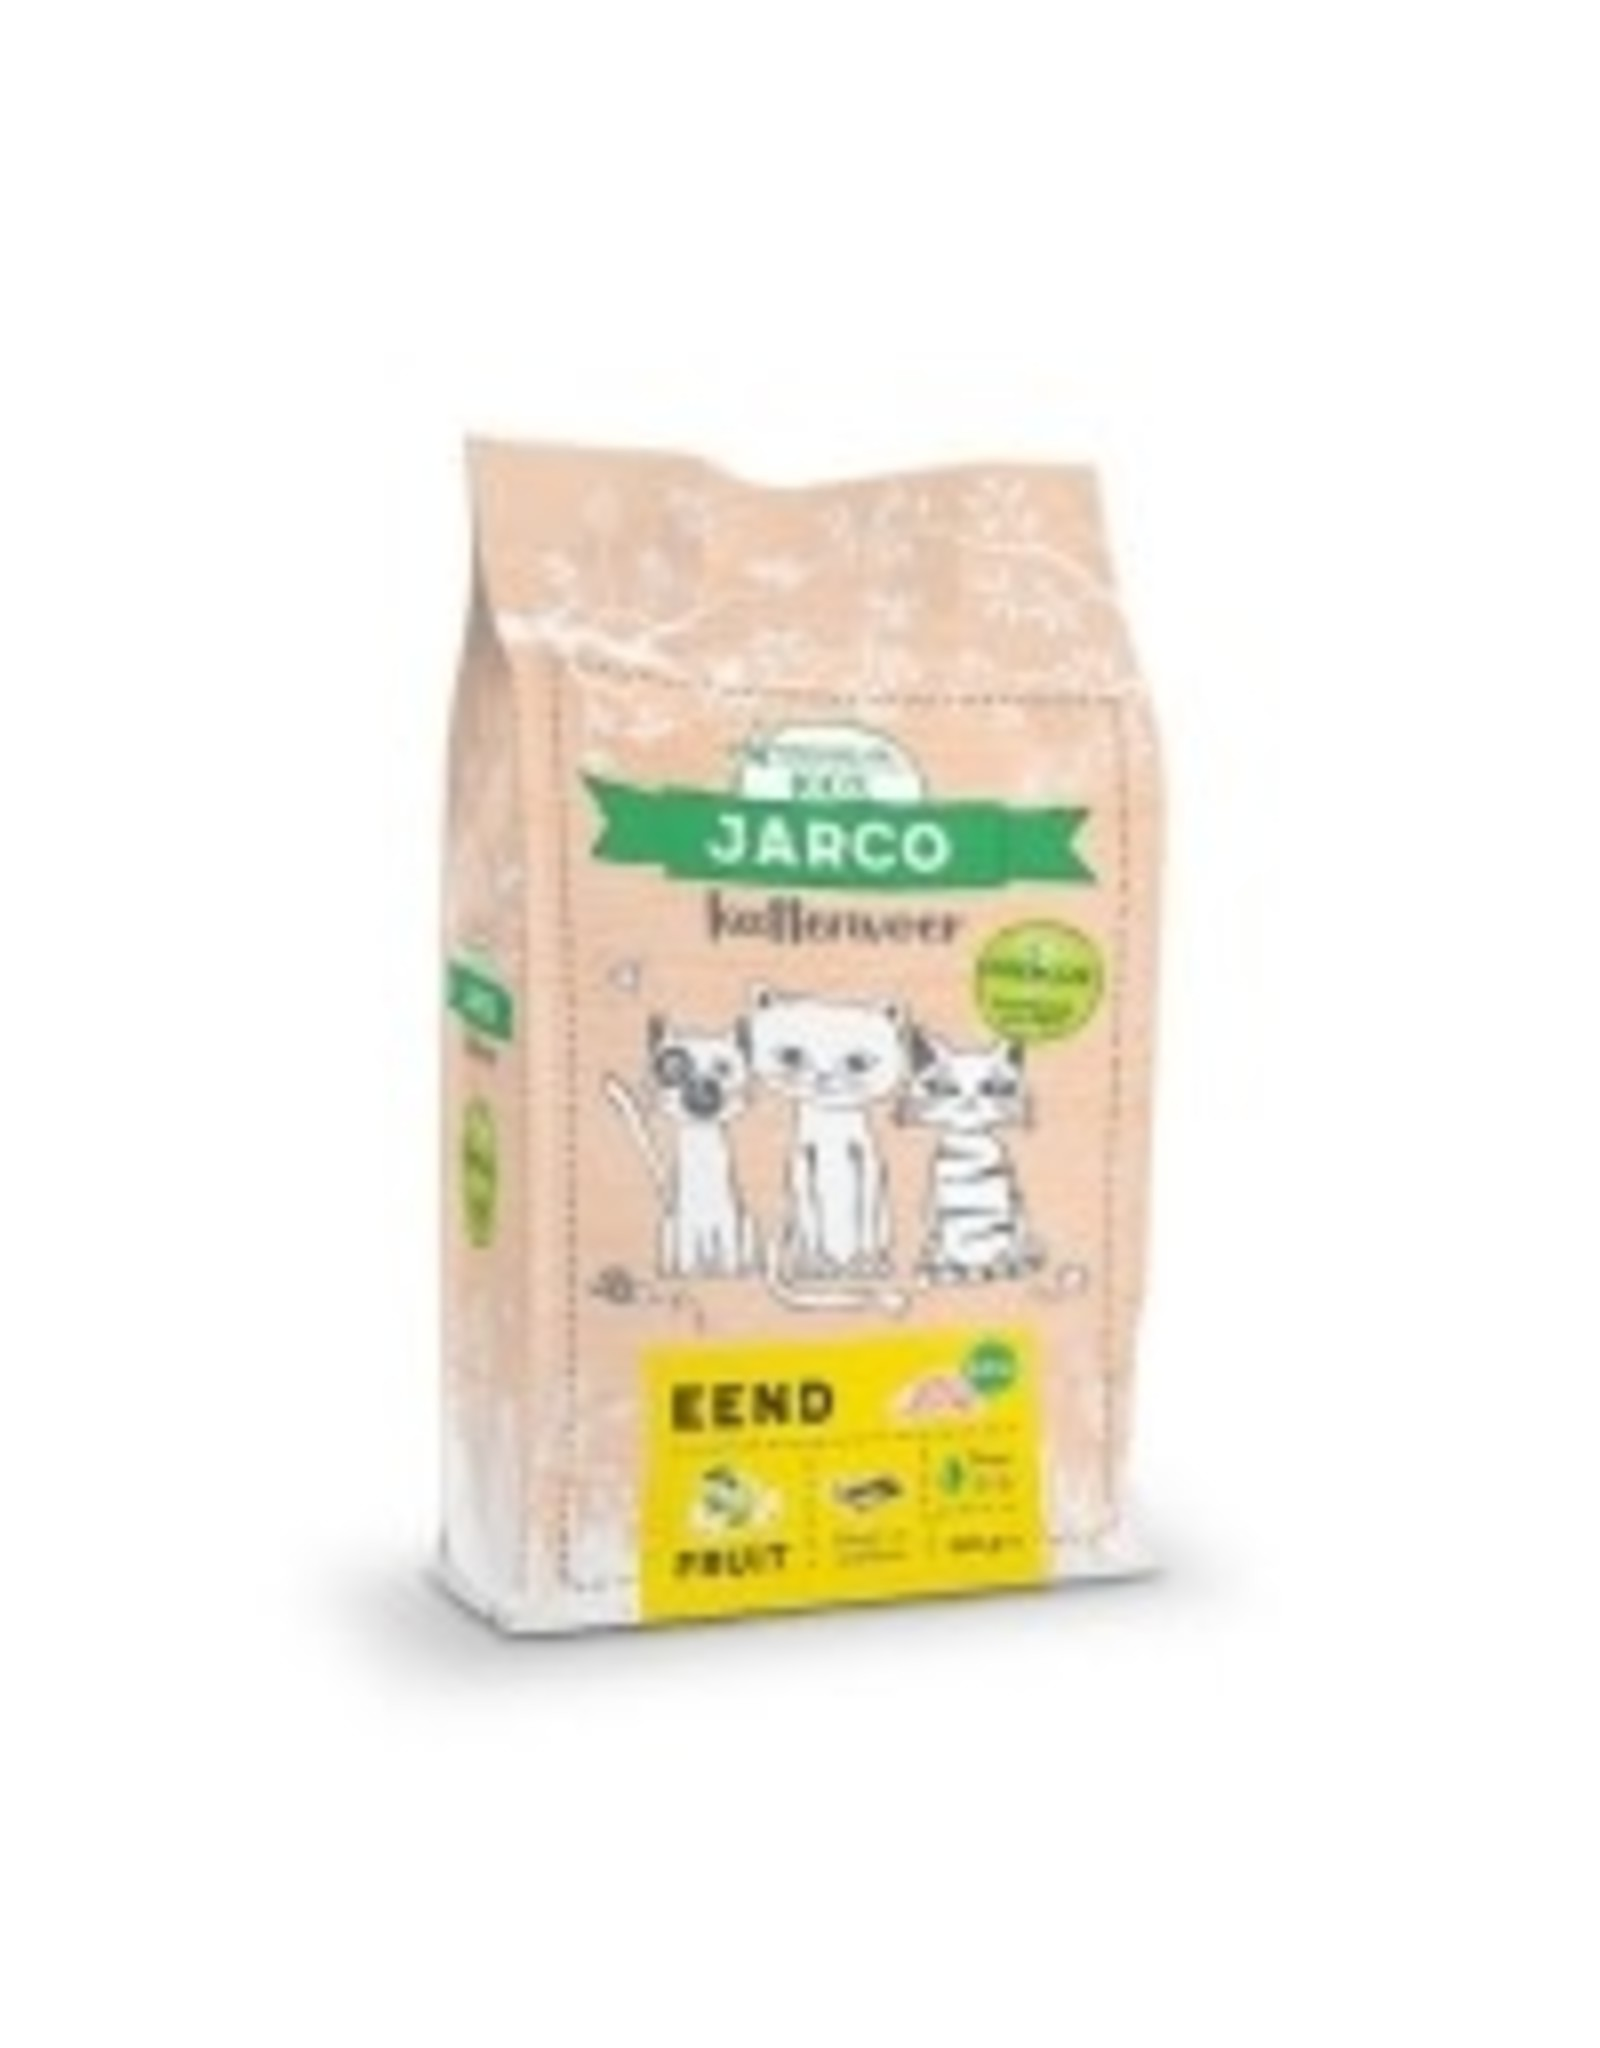 Jarco Premium Kat Eend     400Gr